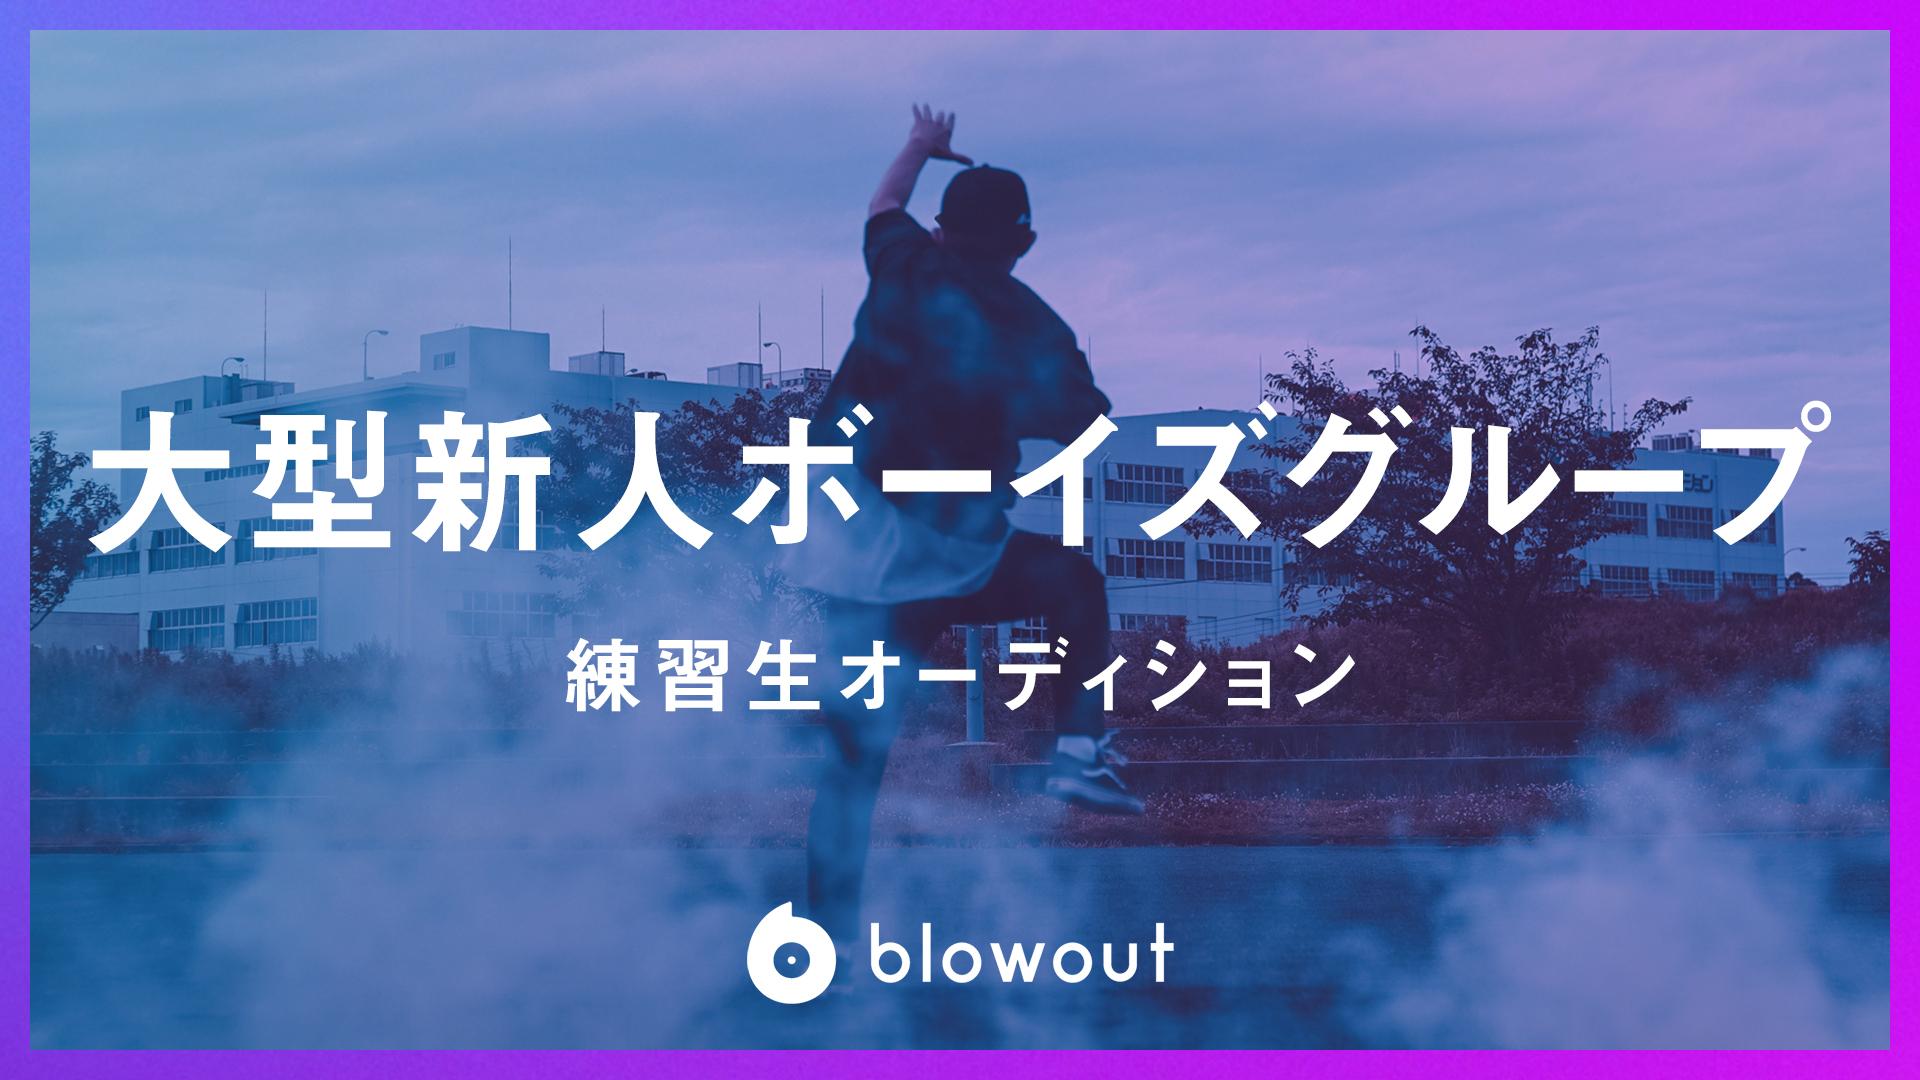 オーディション blowout所属 大型新人ボーイズグループ練習生募集 主催:株式会社blowout、カテゴリ:メンズアイドル